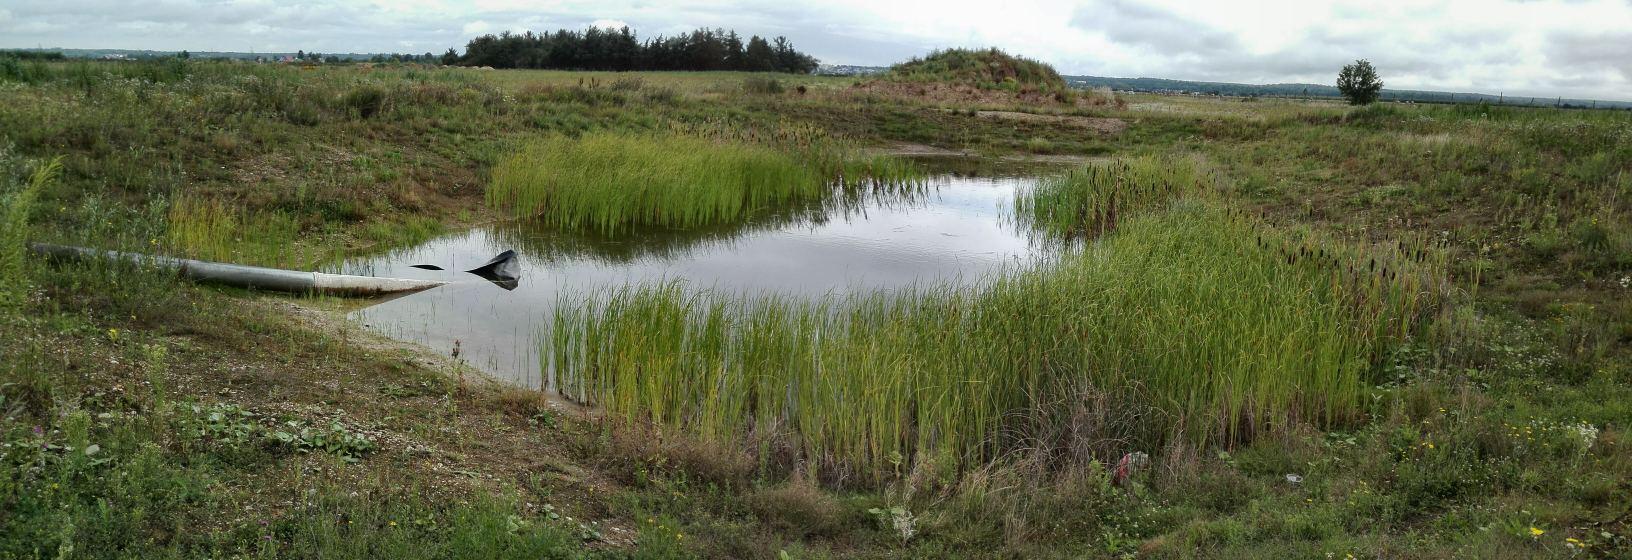 Neue Heimat: 2015 wurde dieses Laichgewässer bei Swisttal angelegt (Bild: K. Weddeling)